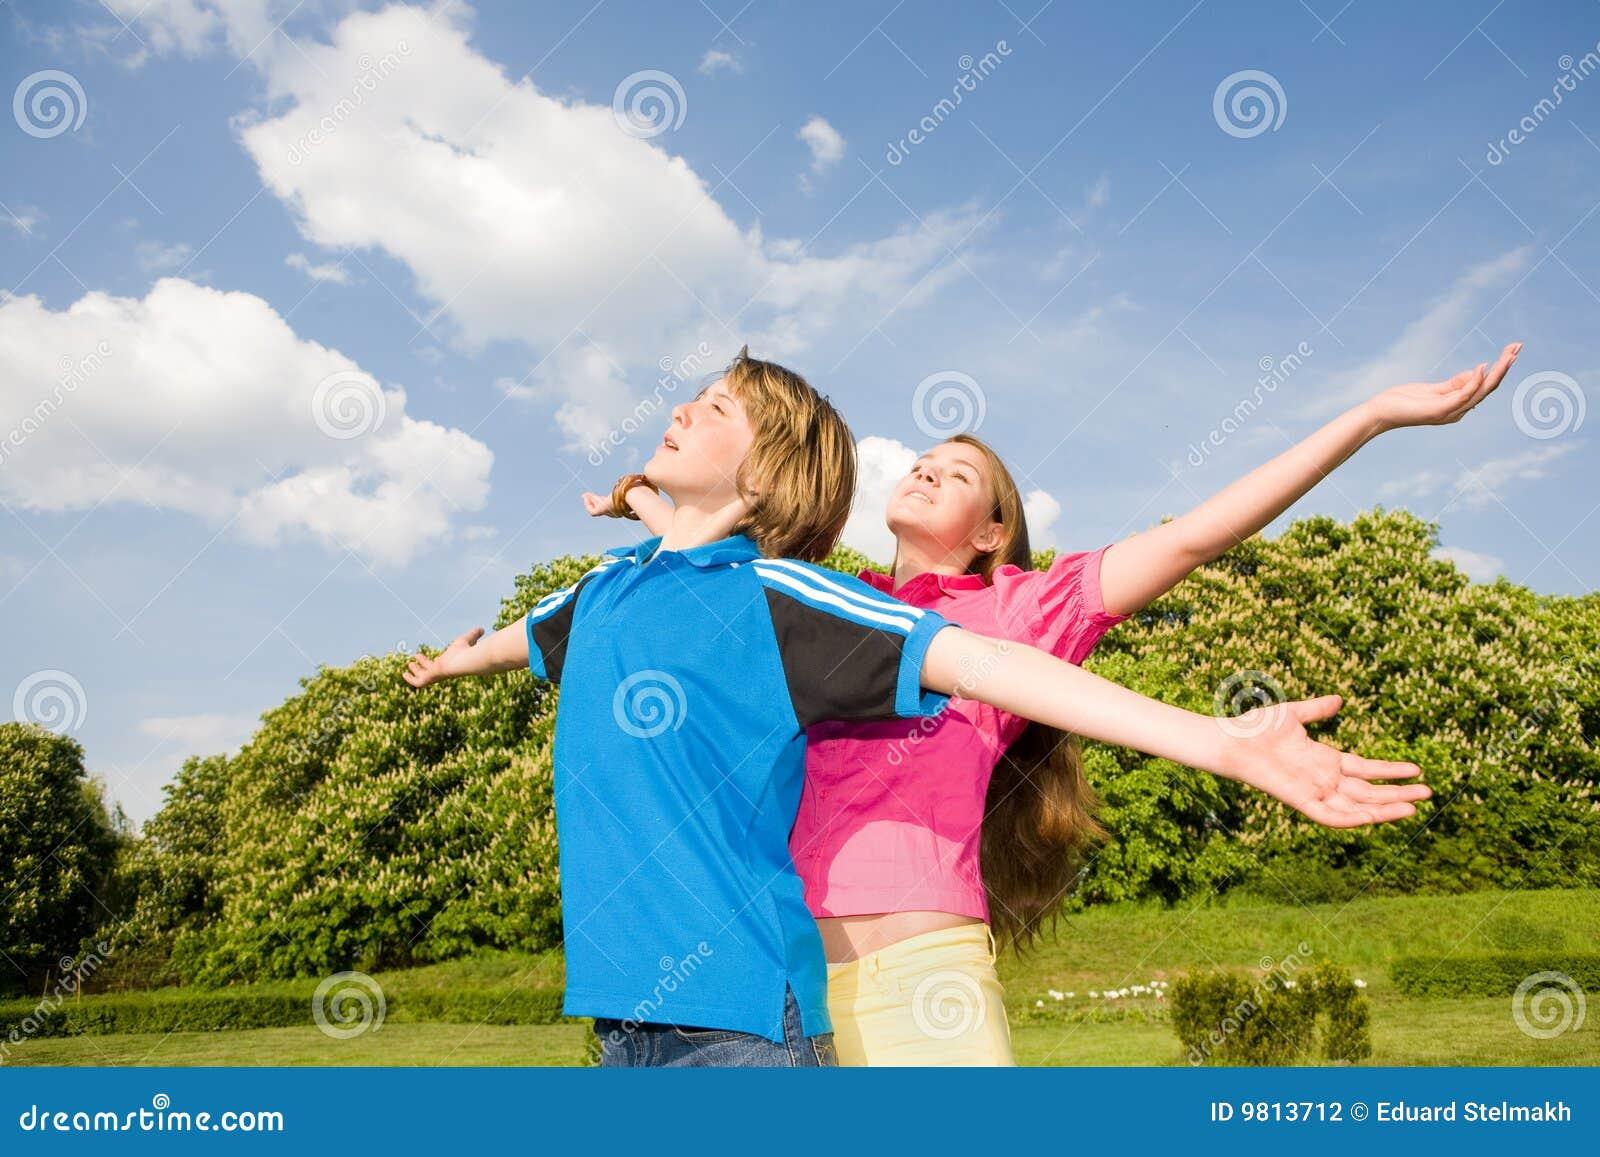 Entspannende geöffnete Stellung des Lächeln-Teenagers Hand